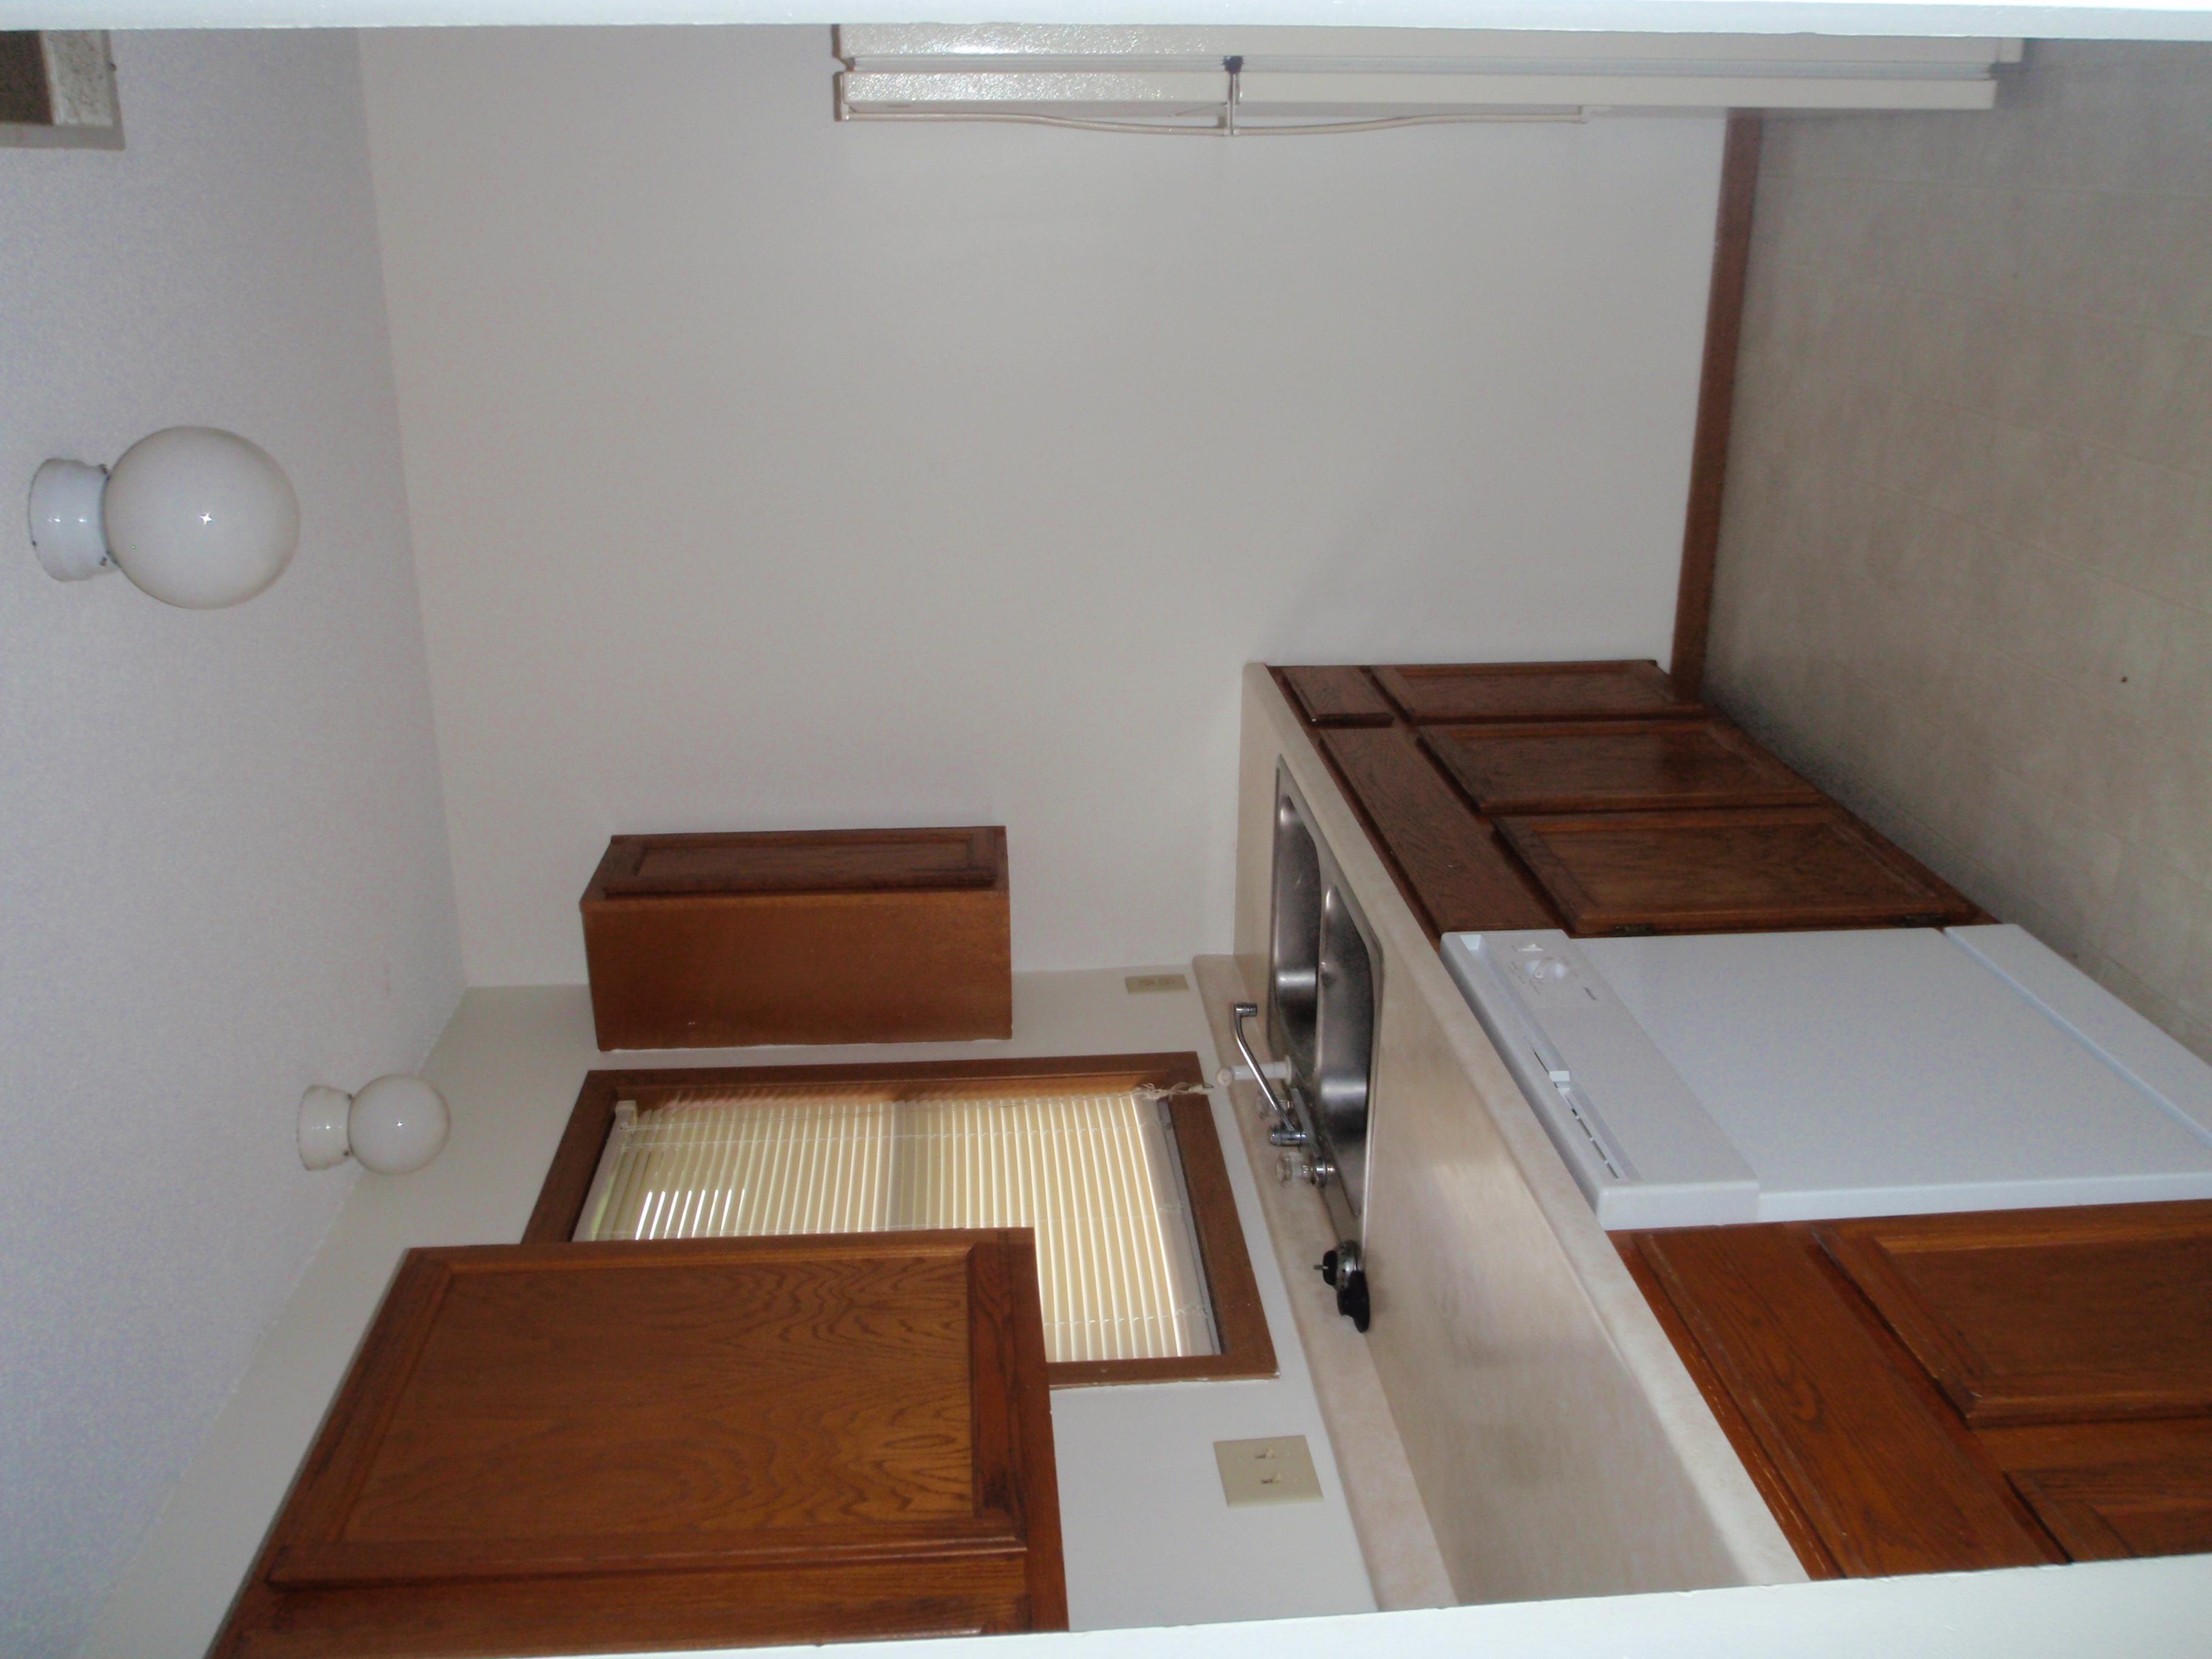 Kitchen of #3332